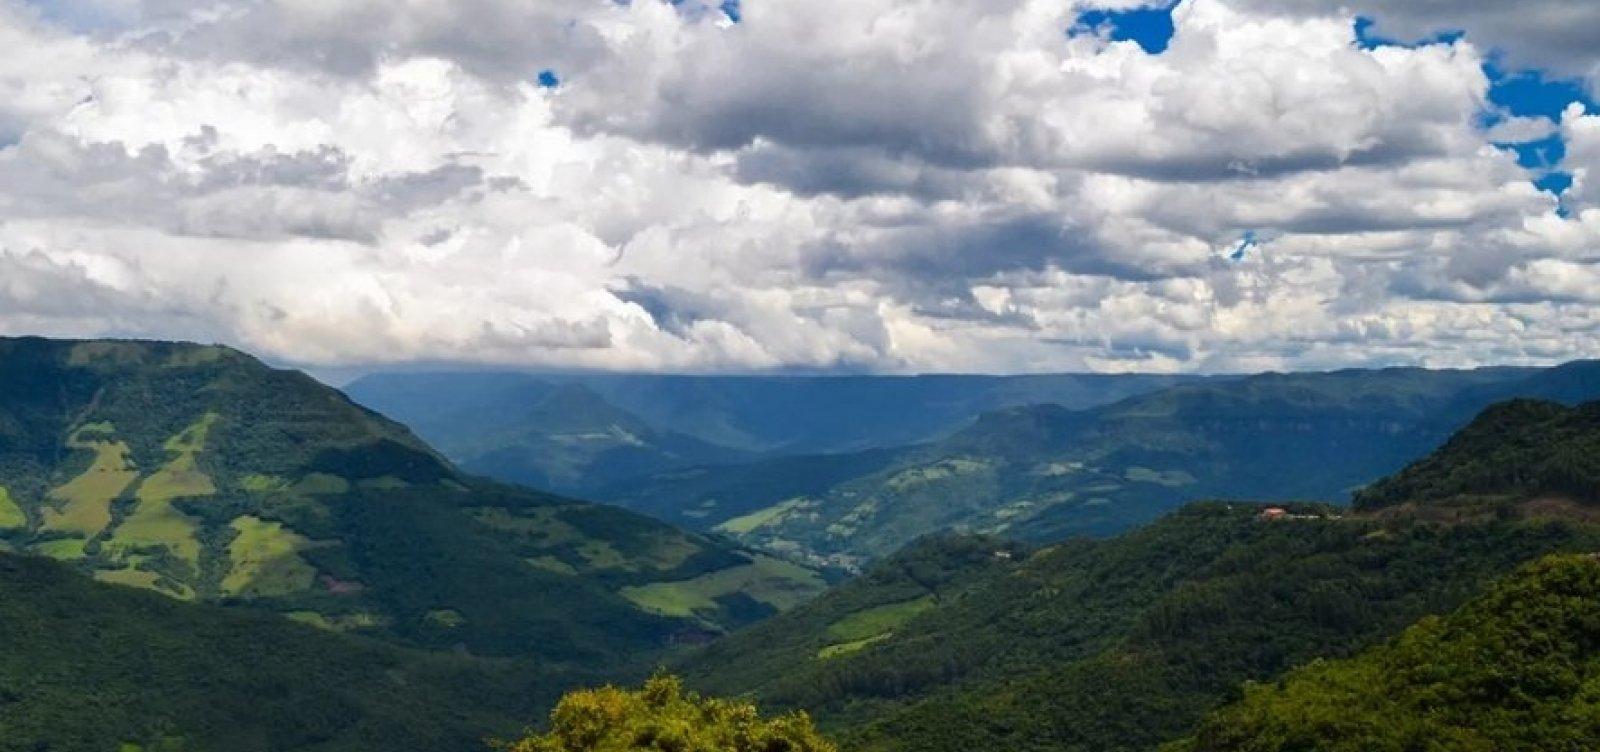 [Devastação da Mata Atlântica cresce na Bahia e em quatro estados do país, aponta levantamento]